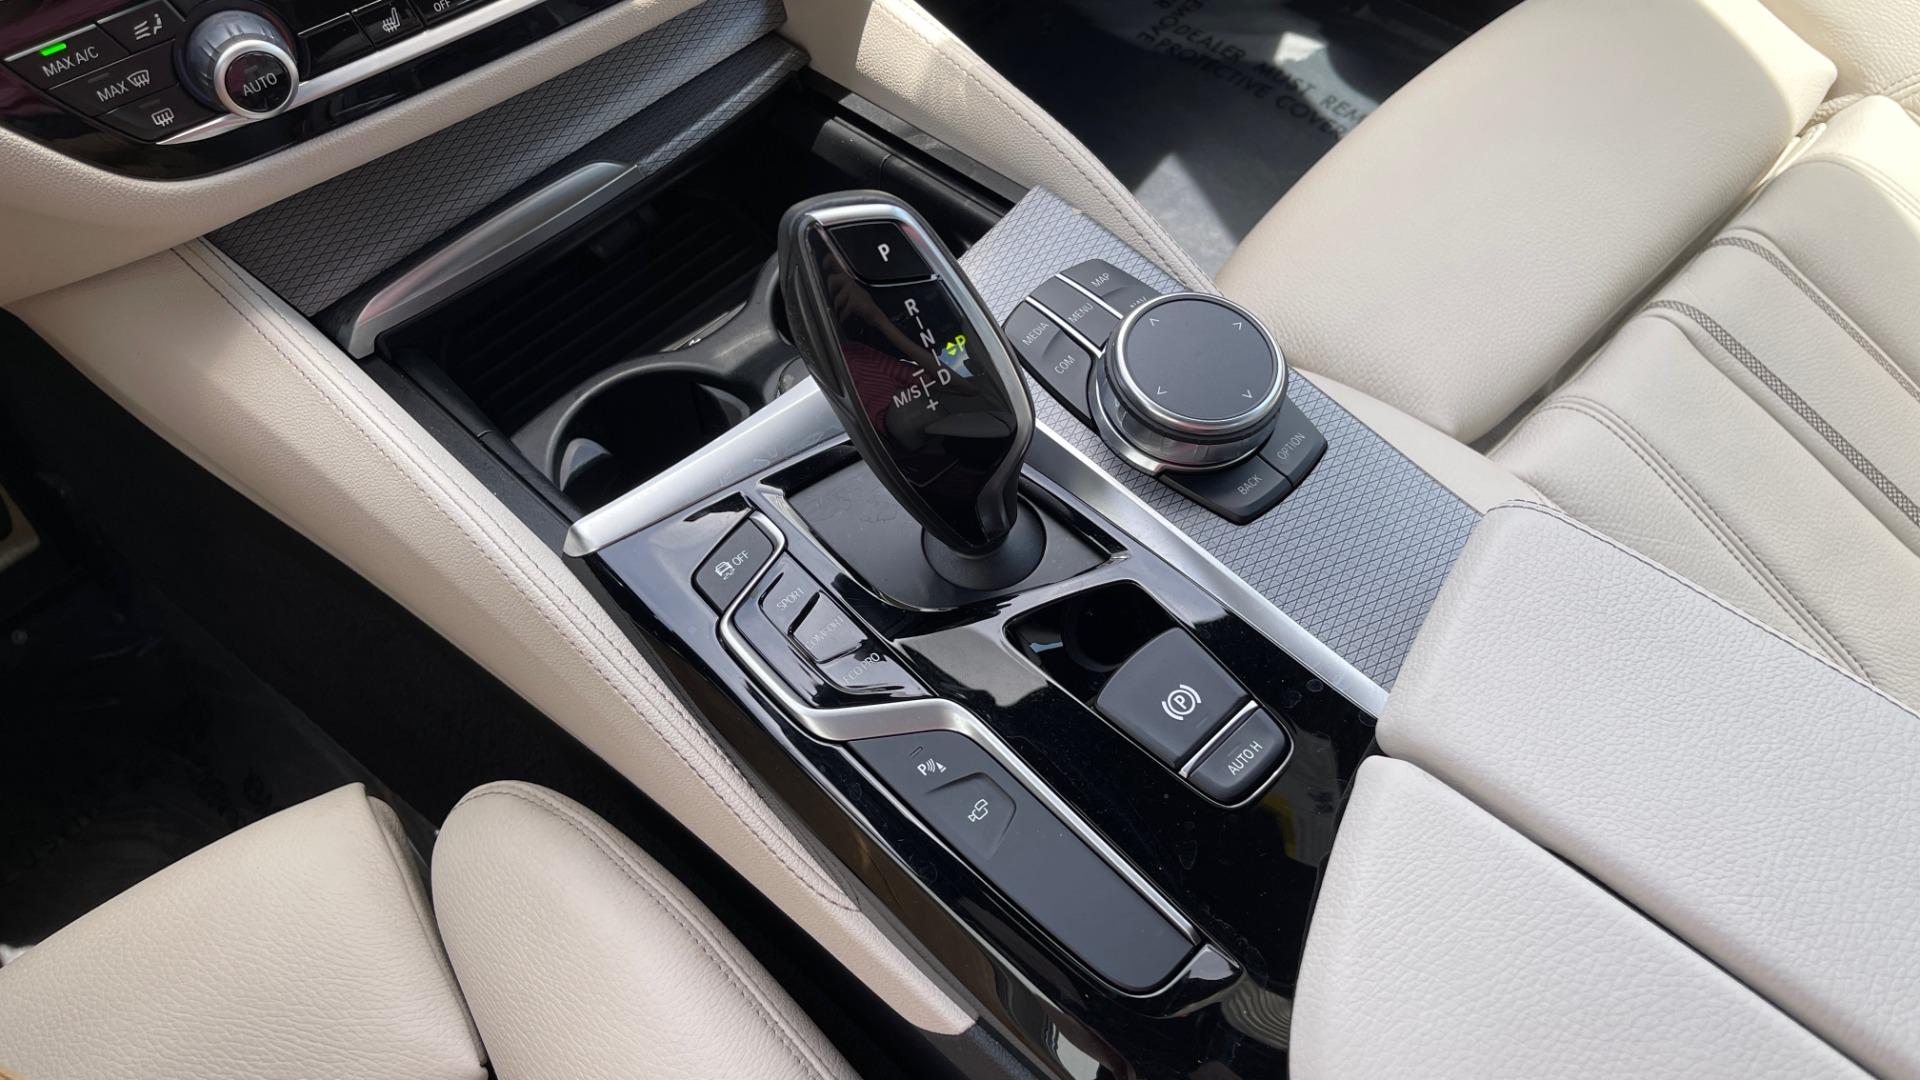 Used 2018 BMW 5 SERIES 540I M-SPORT / EXECUTIVE PKG / DRVR ASST PKG / BLIND SPOT / LANE DEPART for sale $40,995 at Formula Imports in Charlotte NC 28227 53